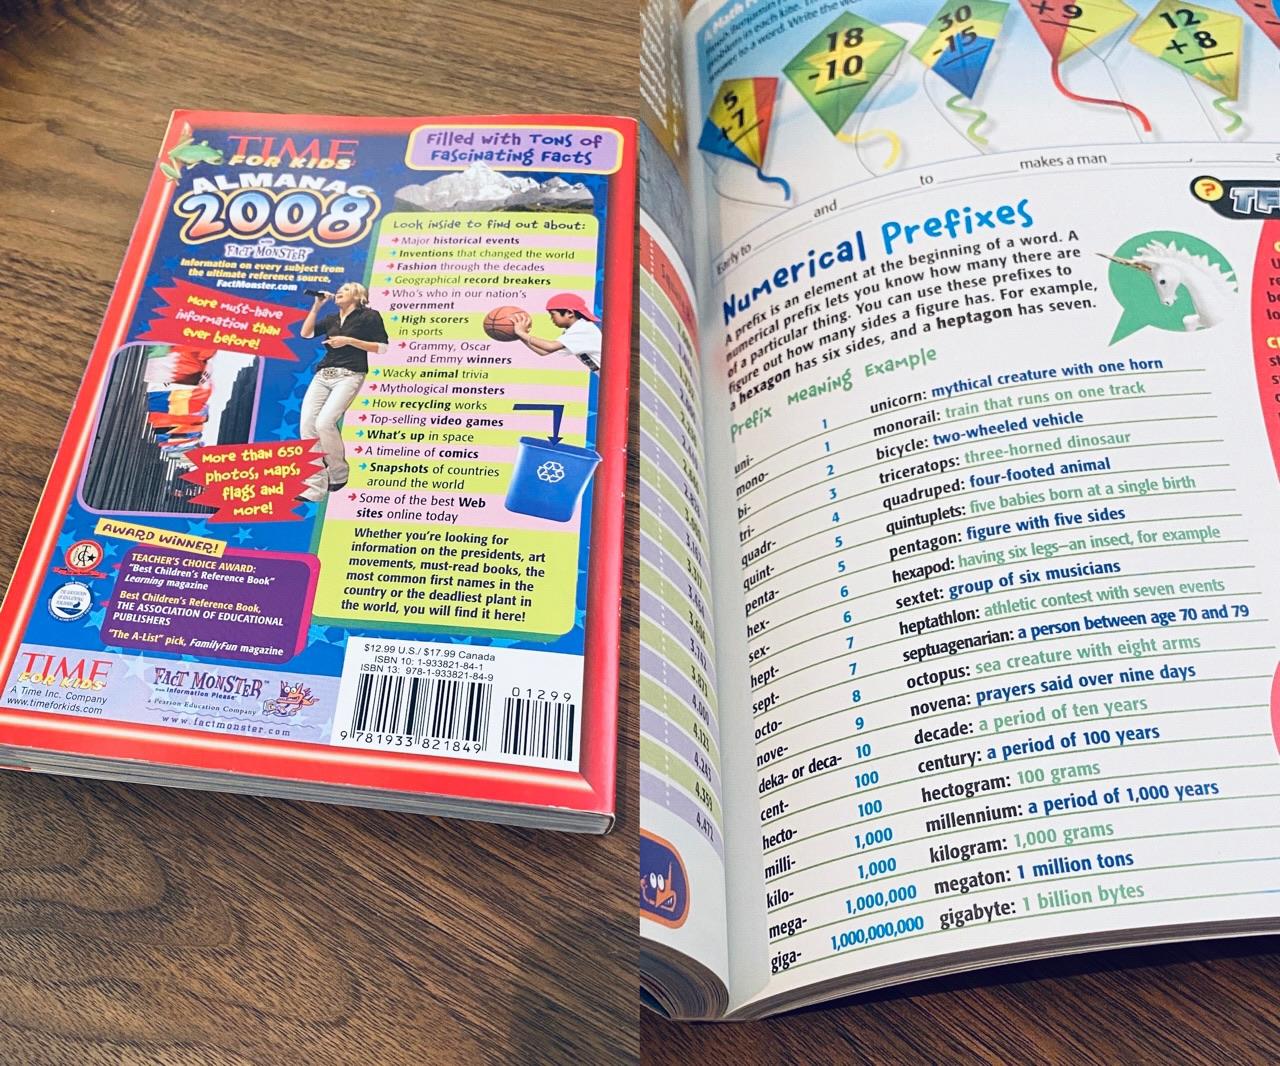 パラパラと眺めてたら Numerical Prefixes あった。  Amazon | Time for Kids: Almanac 2008 (Time For Kids Almanac) | Editors of TIME For Kids Magazine | Almanacs https://t.co/WeCLCm7lHg https://t.co/Lh1X2YUx21